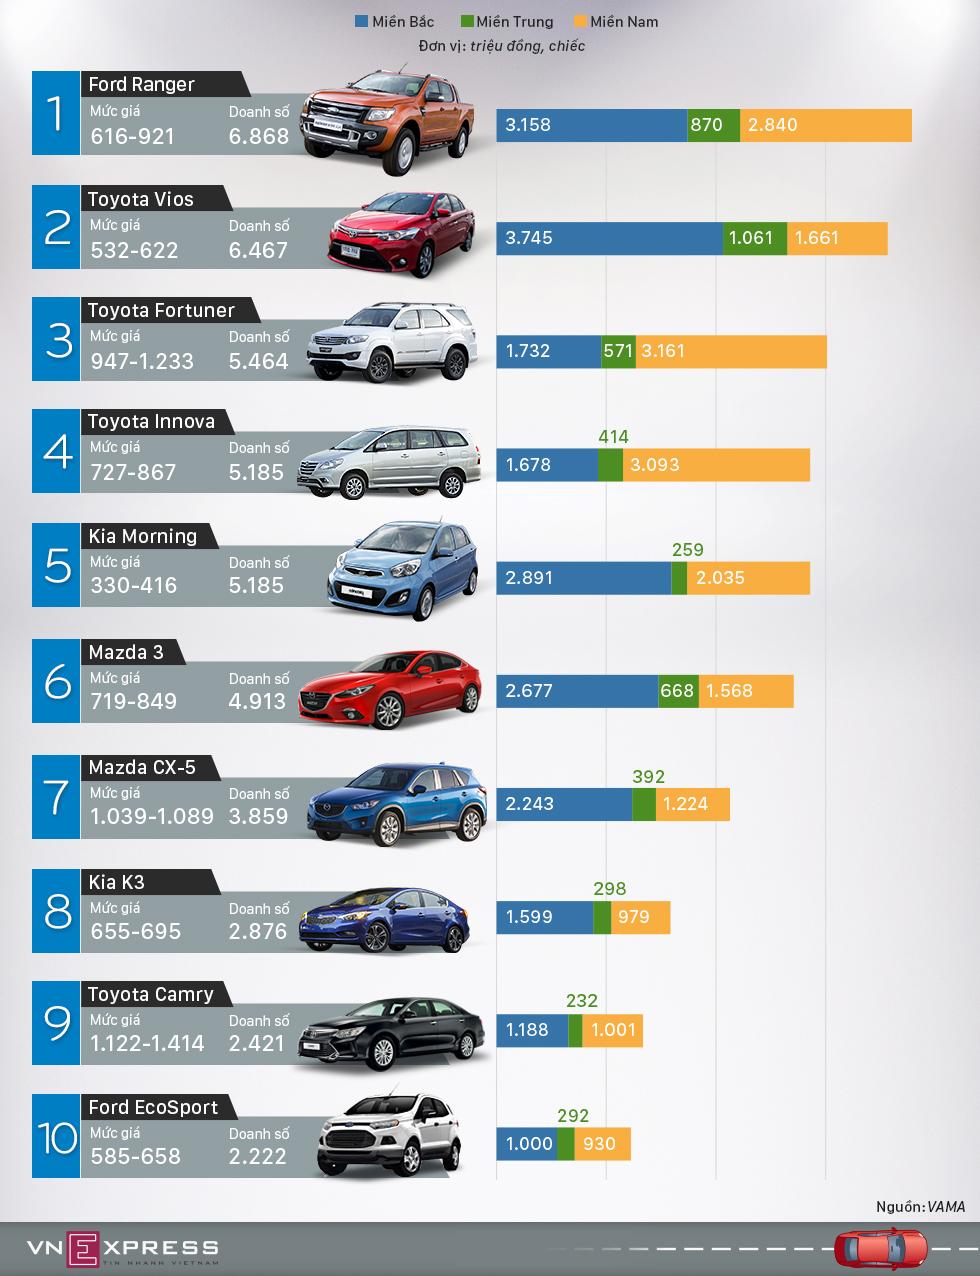 Top ôtô bán chạy 6 tháng đầu năm 2016 tại Việt Nam